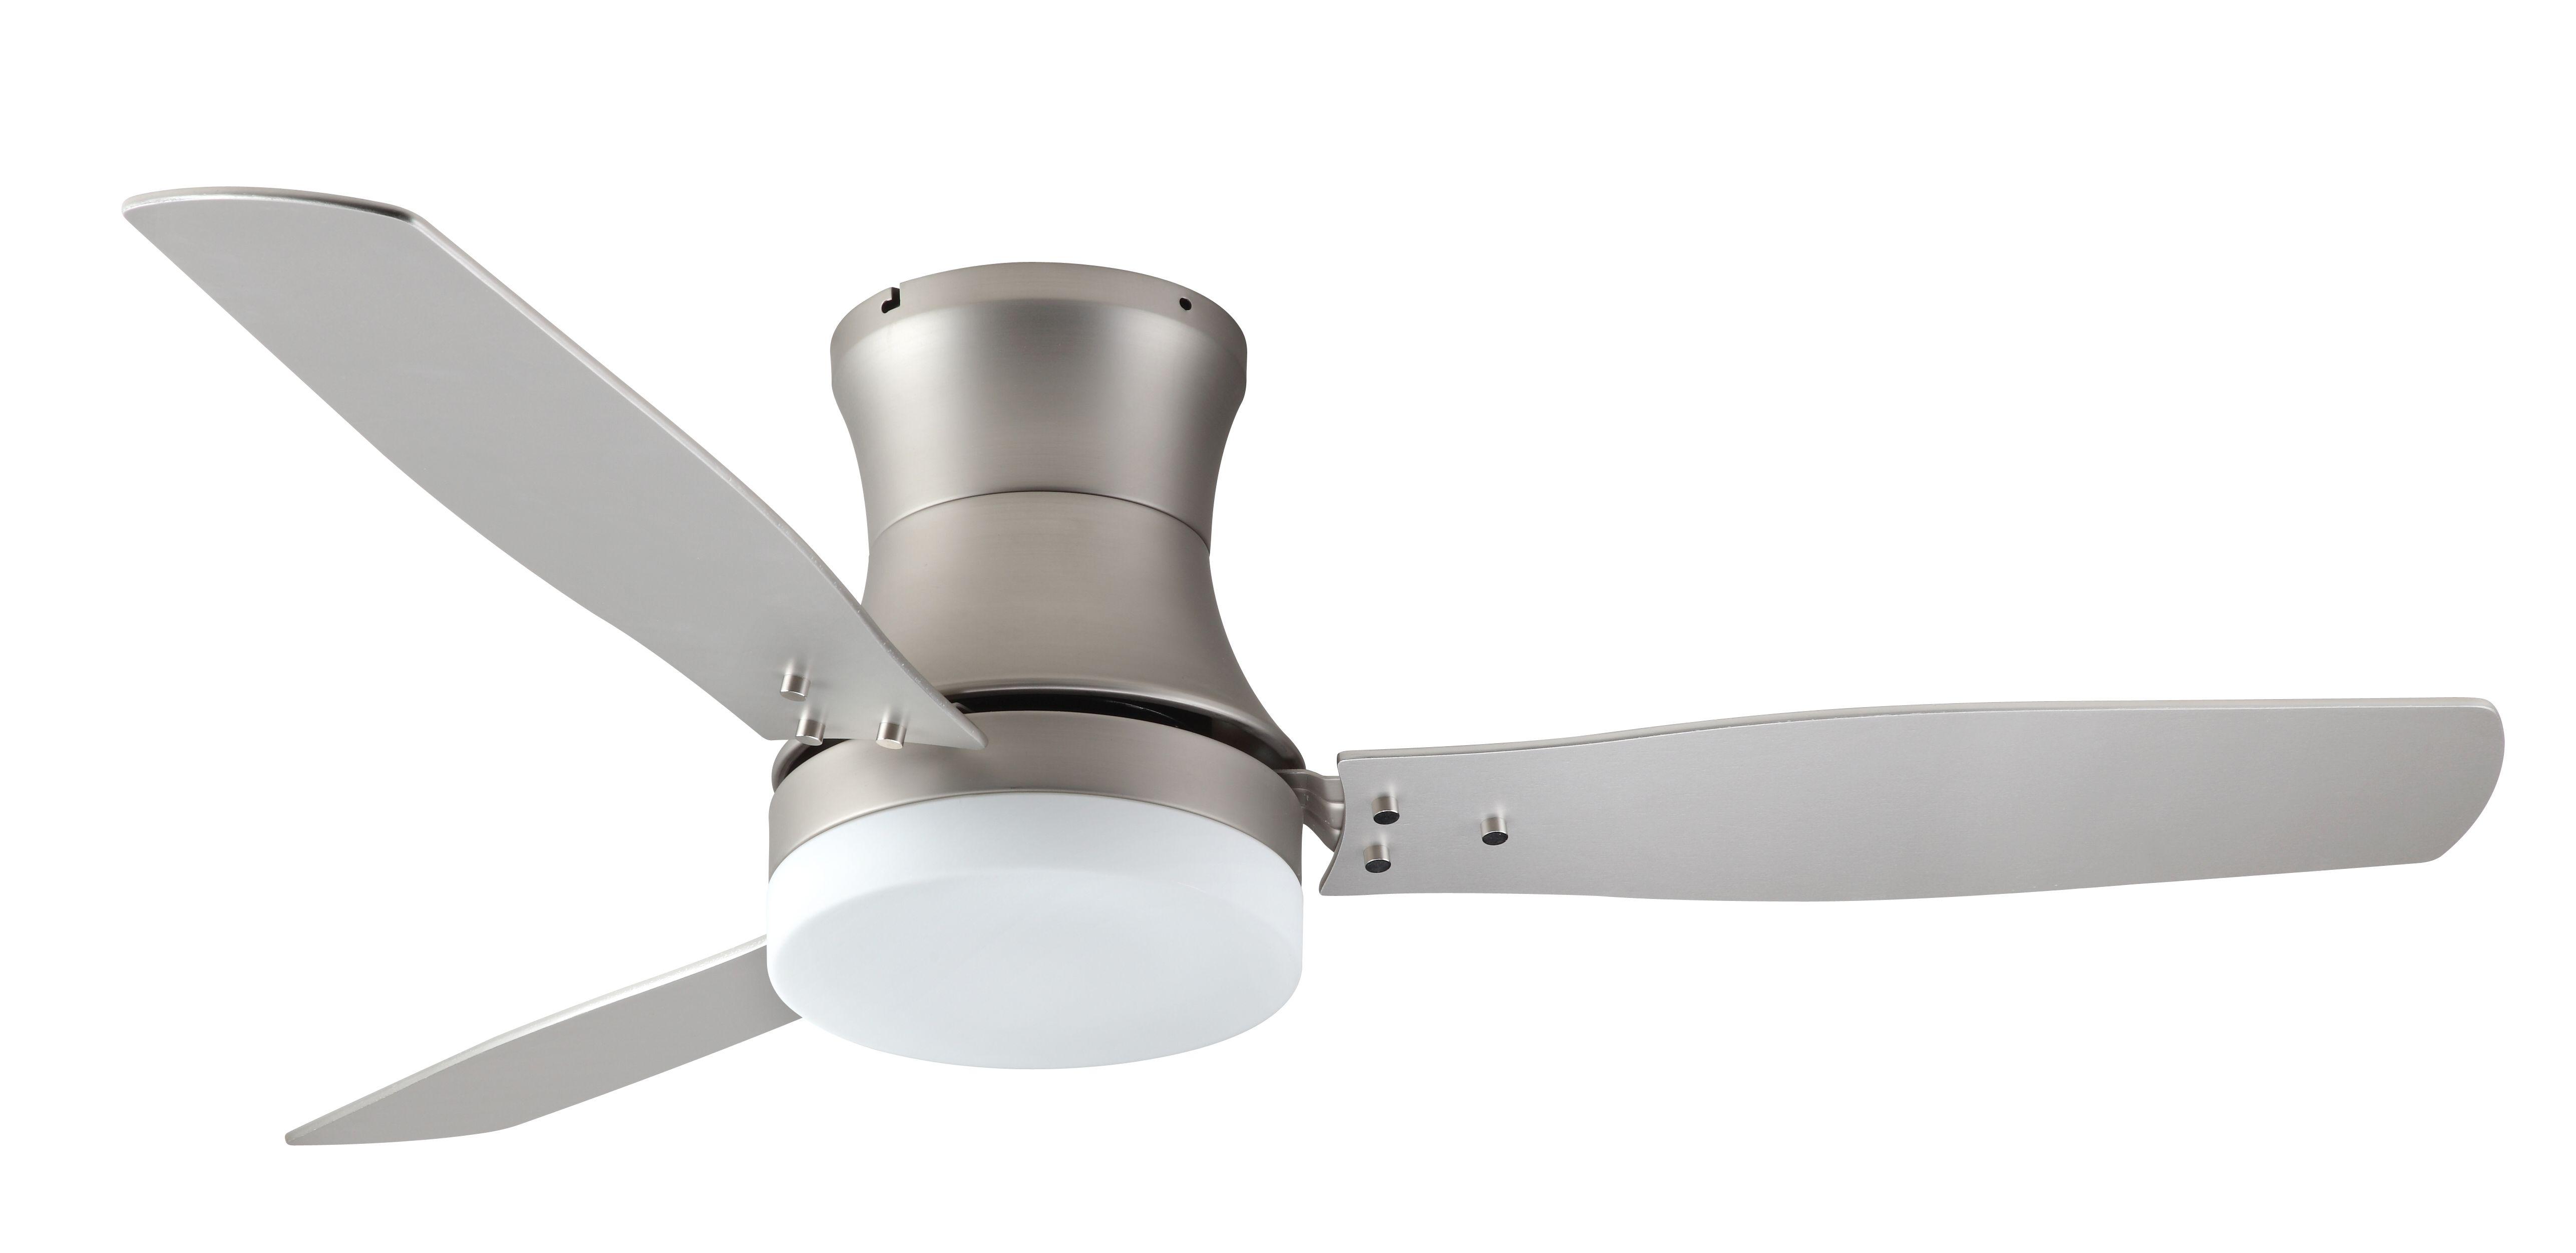 Troposair Modernaire Satin Steel Flush Mount Hugger Ceiling Fan